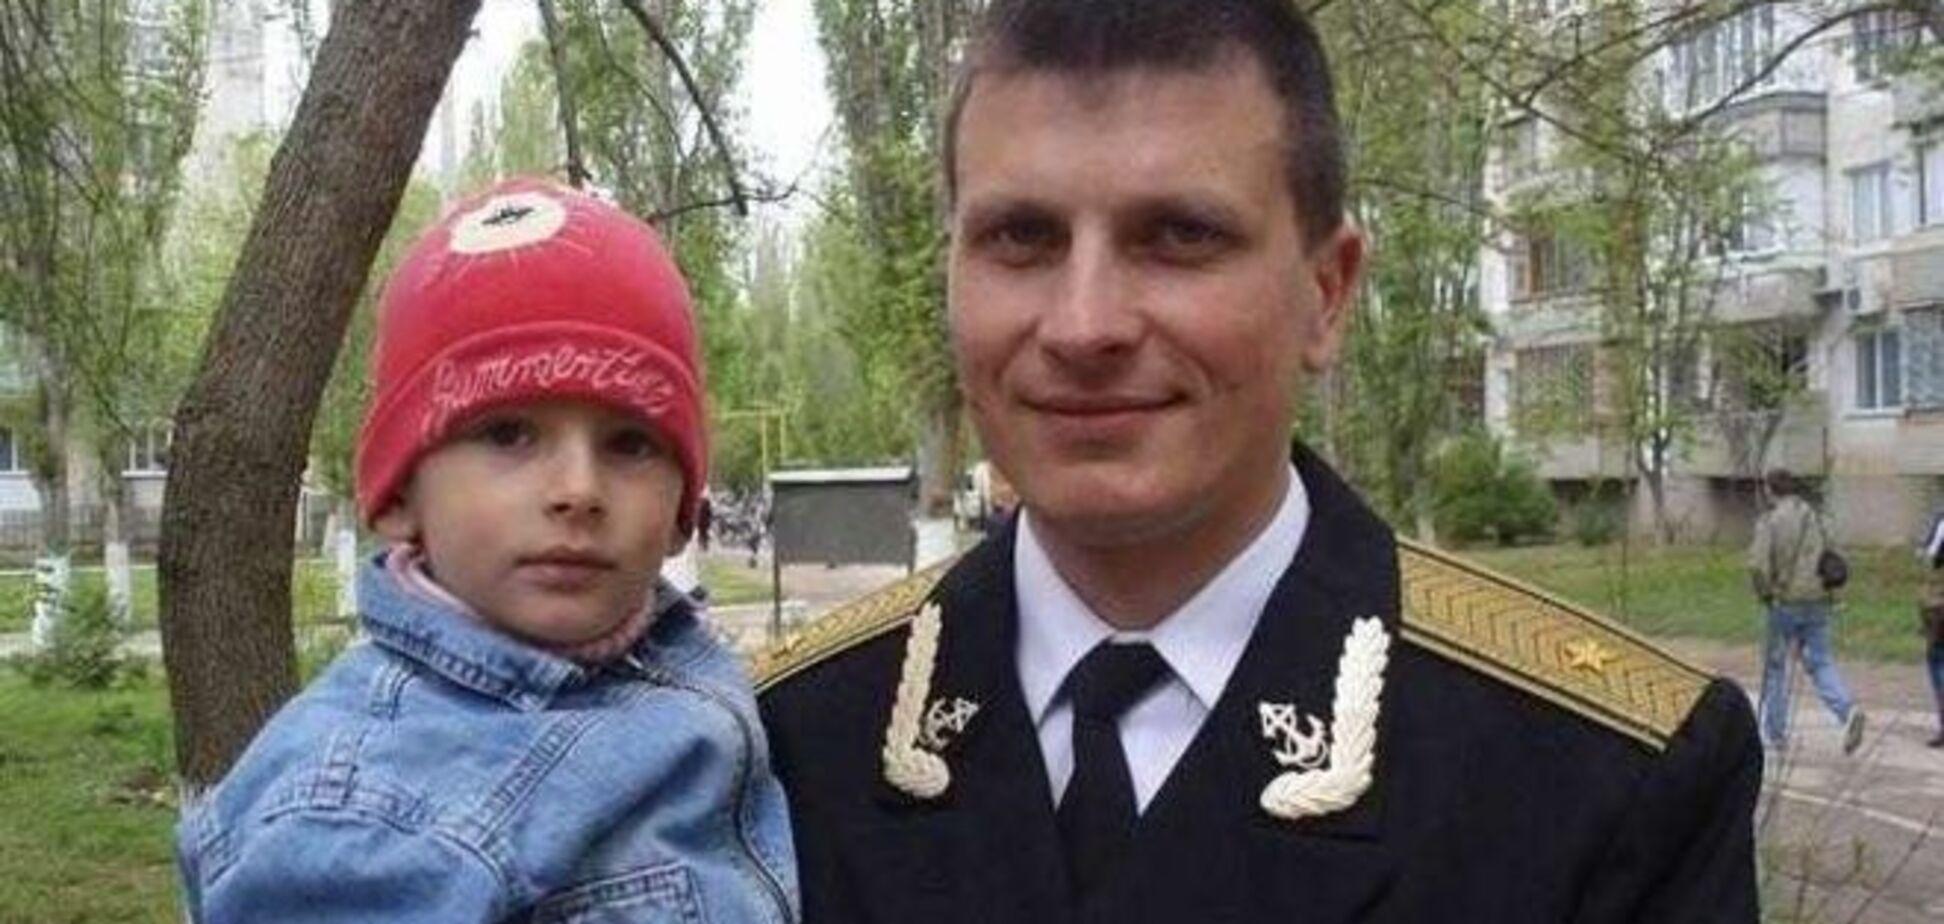 Российский военный, расстрелявший украинского офицера, получил неоправданно маленький срок в Крыму